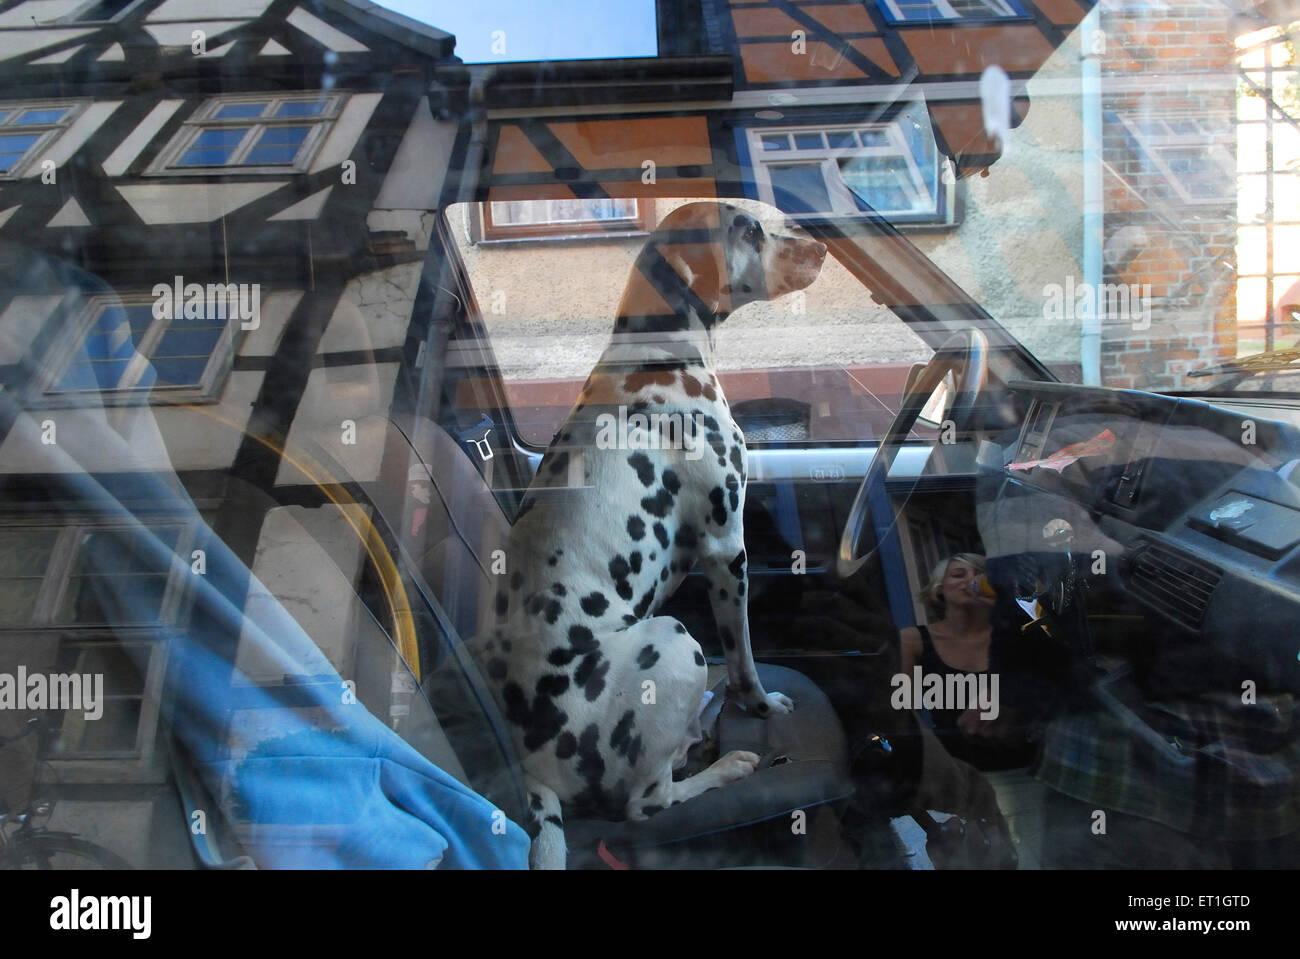 El reflejo de la ventanilla de vecindario ; Alemania Imagen De Stock